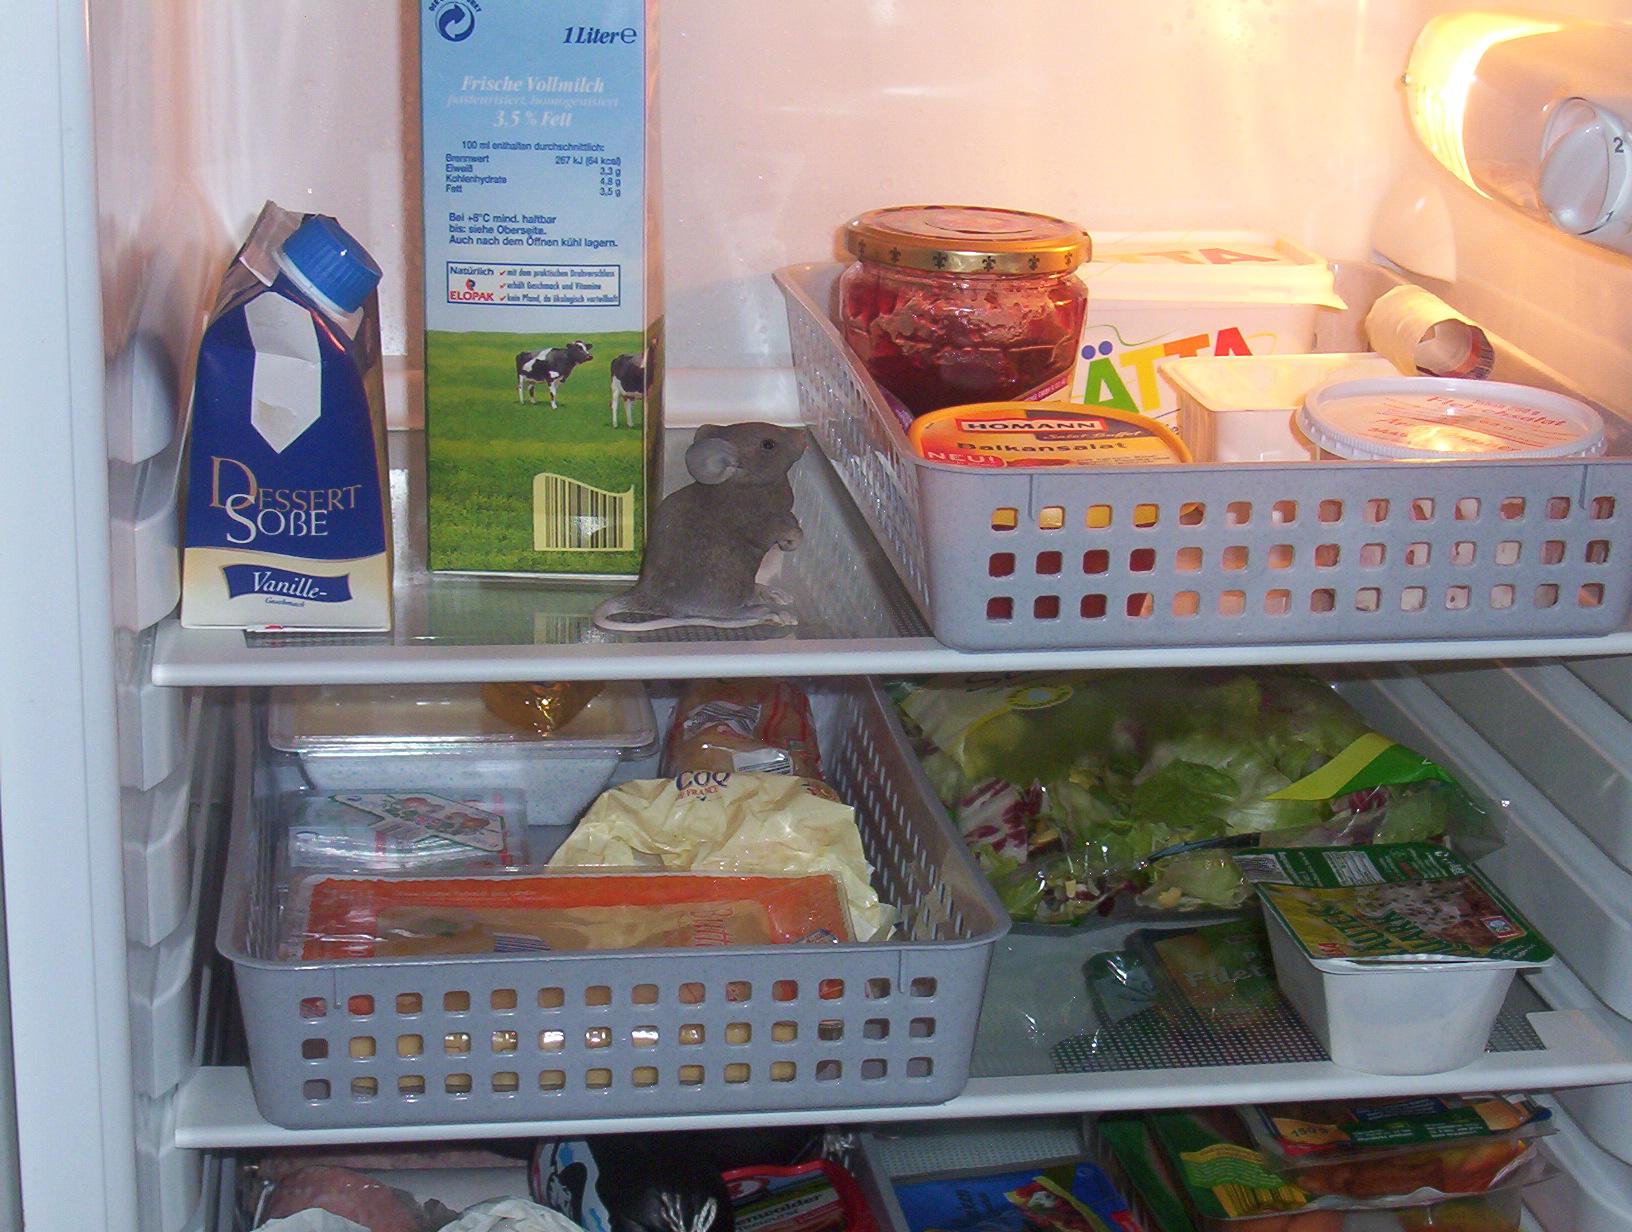 Kühlschrank Korb : Kühlschrankordnung! habt ihr das auch? sonstiges plauderecke